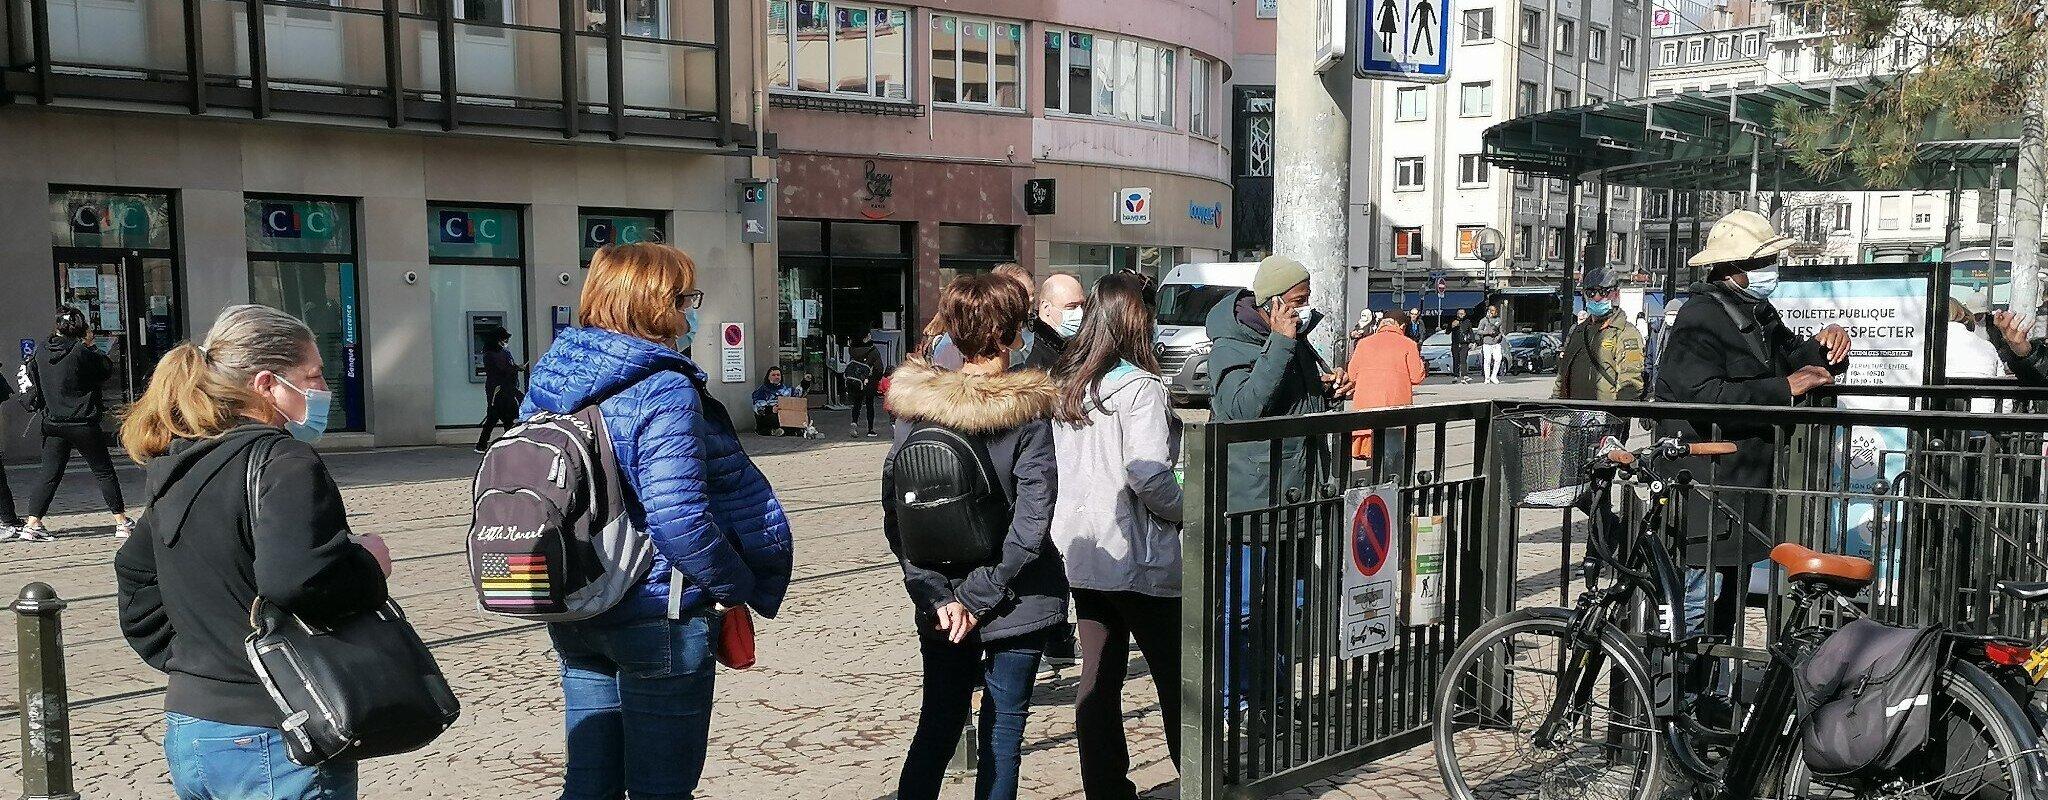 À Strasbourg, un besoin pressant de toilettes publiques